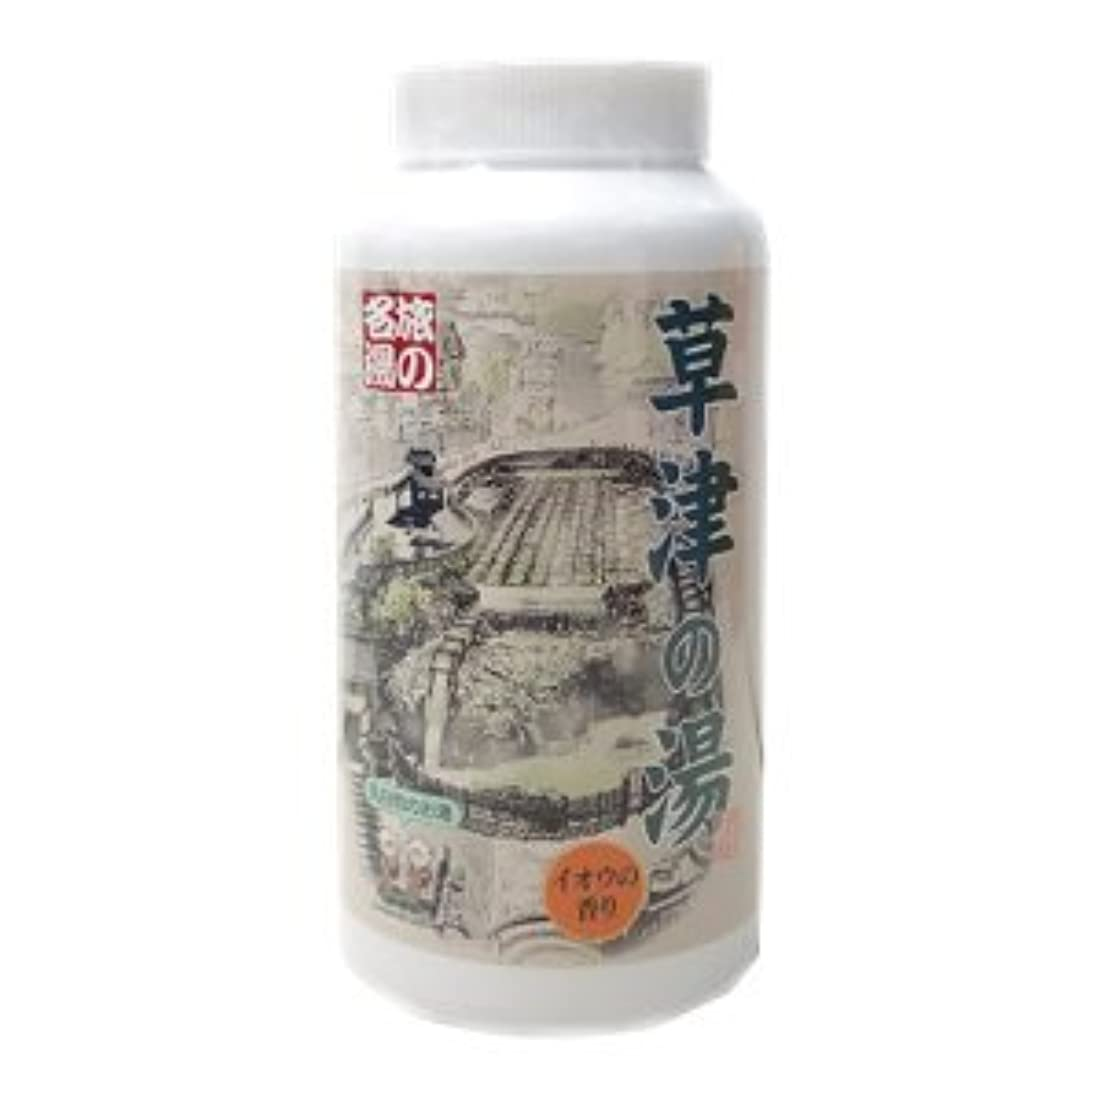 マトン規則性化合物草津の湯入浴剤 『イオウの香り』 乳白色のお湯 500g 20回分